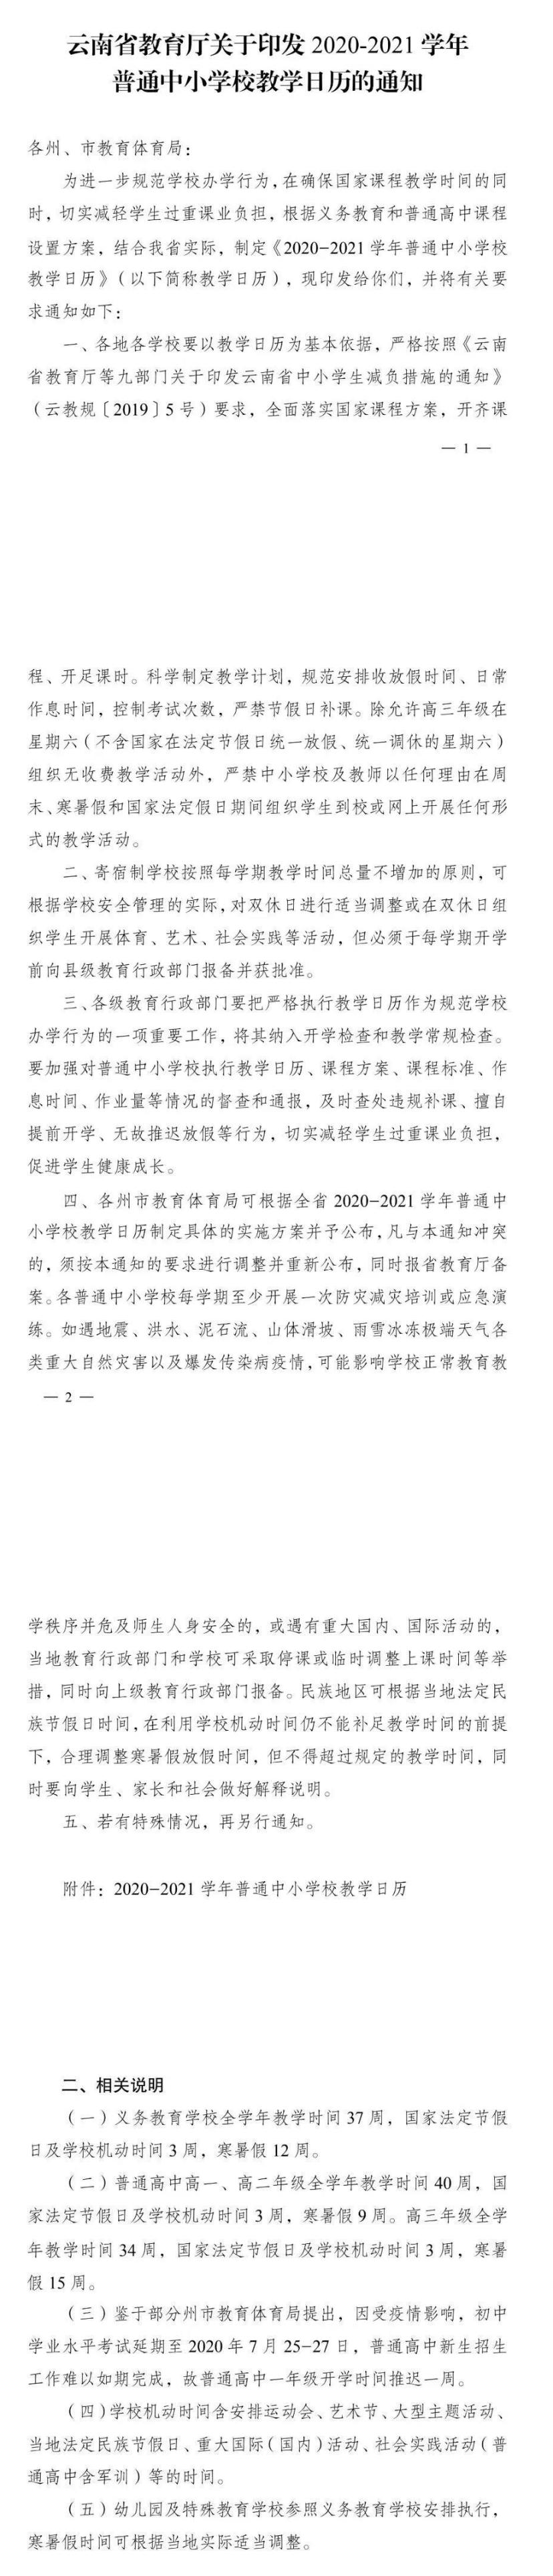 因新生招生未如期完成云南杏悦主管高一年,杏悦主管图片